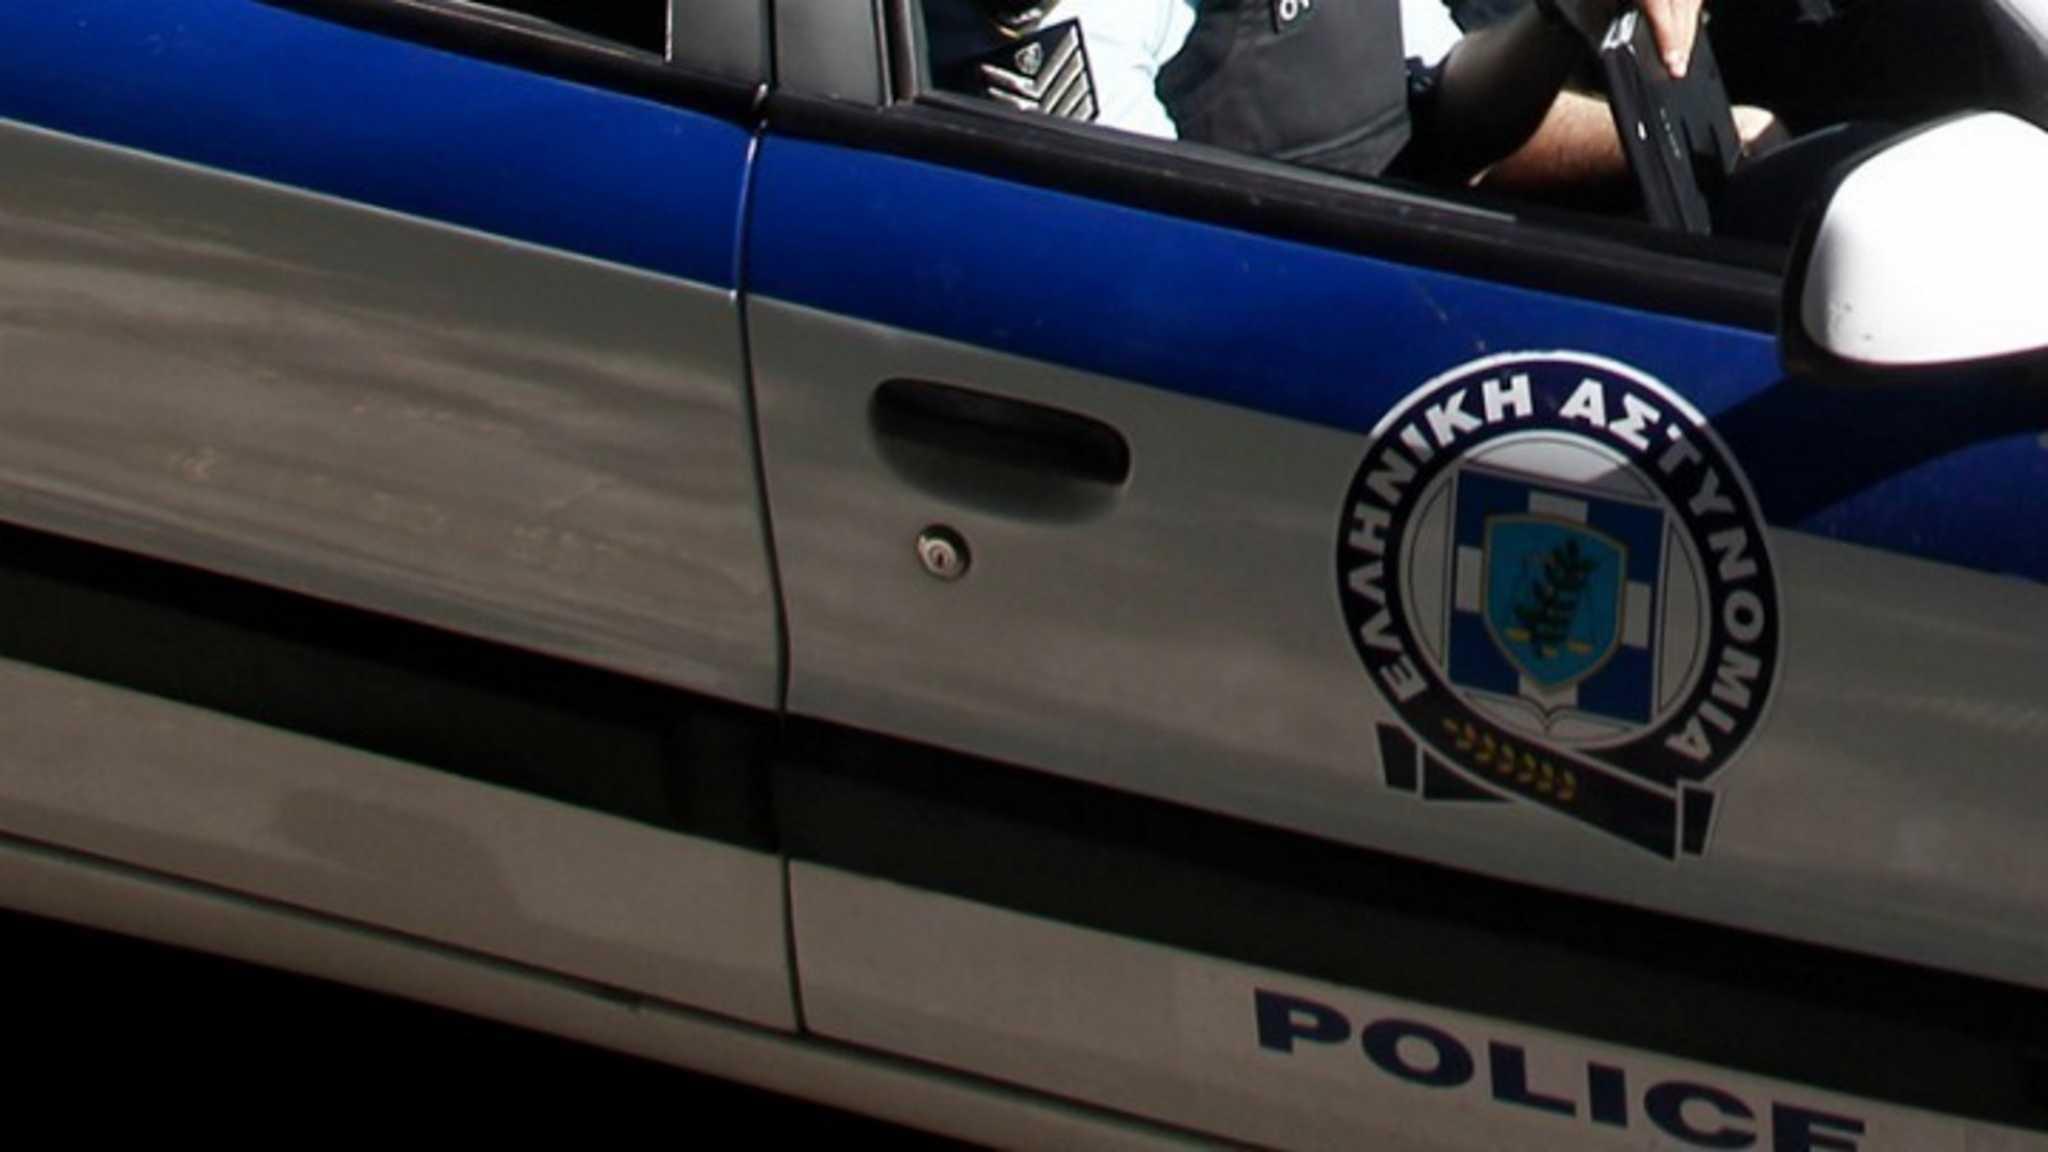 Χανιά: Μπήκαν σε σπίτι για να κλέψουν αλλά η συνέχεια ήταν αυτή που απεύχονταν και οι δύο